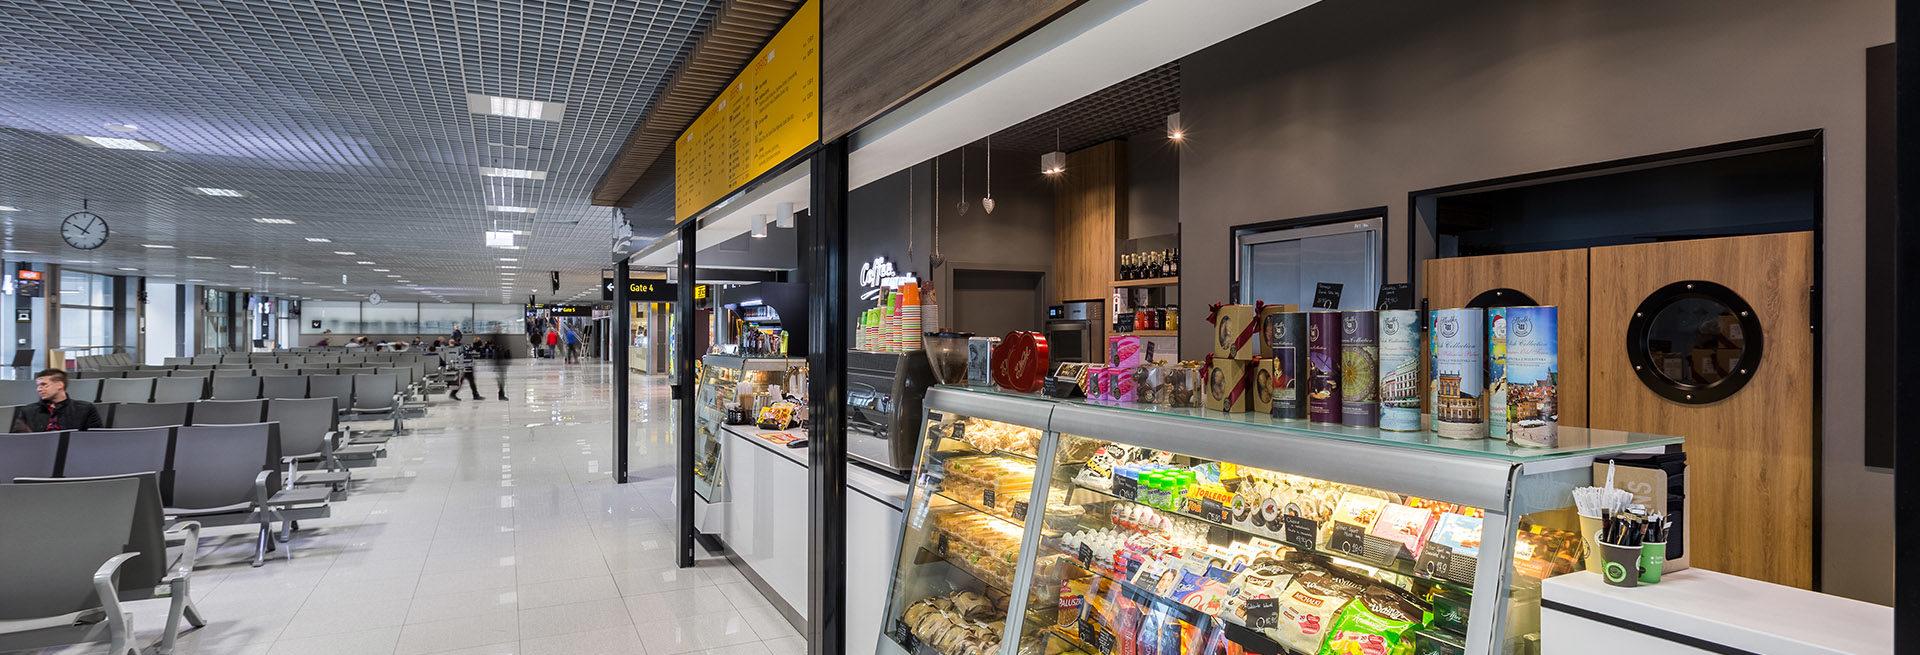 Gastronomia - Airport Kraków Balice